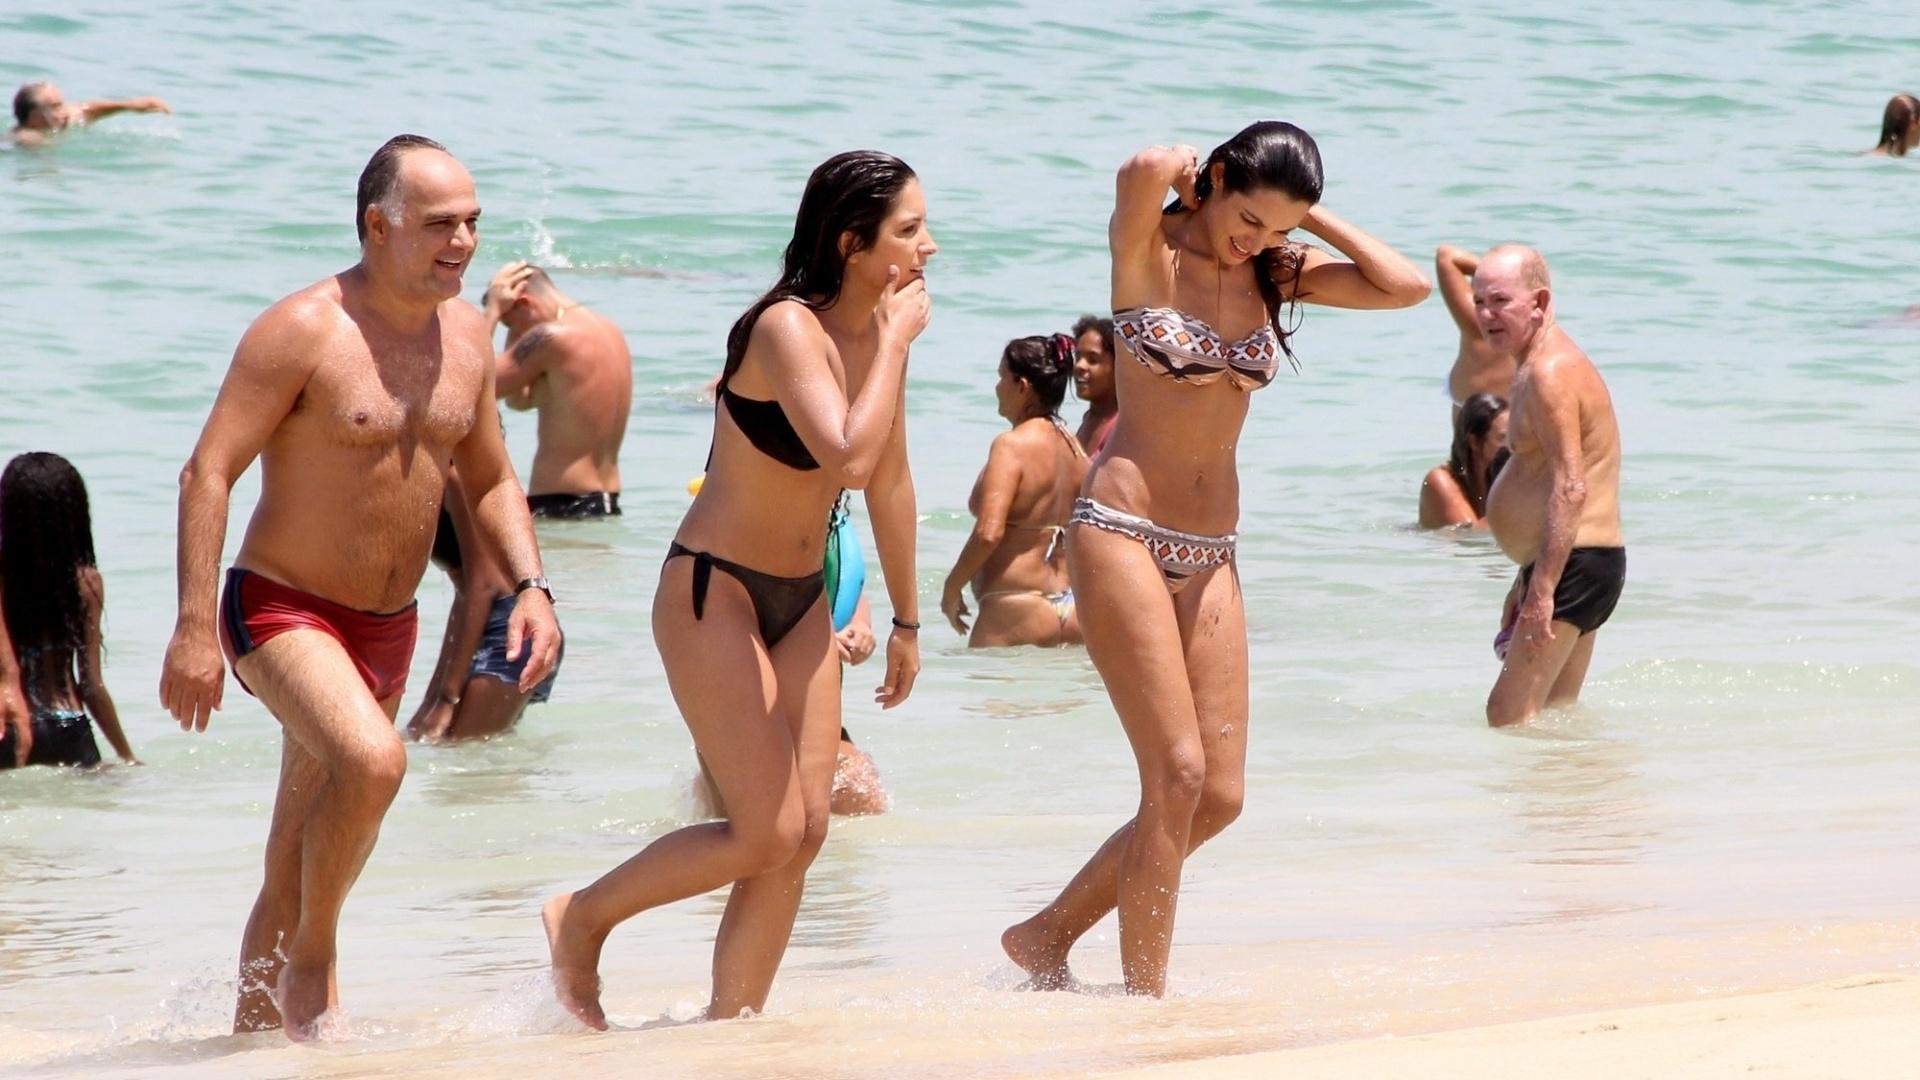 29.fev.2016 - A jornalista Patrícia Poeta foi clicada de biquíni na praia da Barra da Tijuca, no Rio de Janeiro, após polêmica na internet sobre a forma da apresentadora do